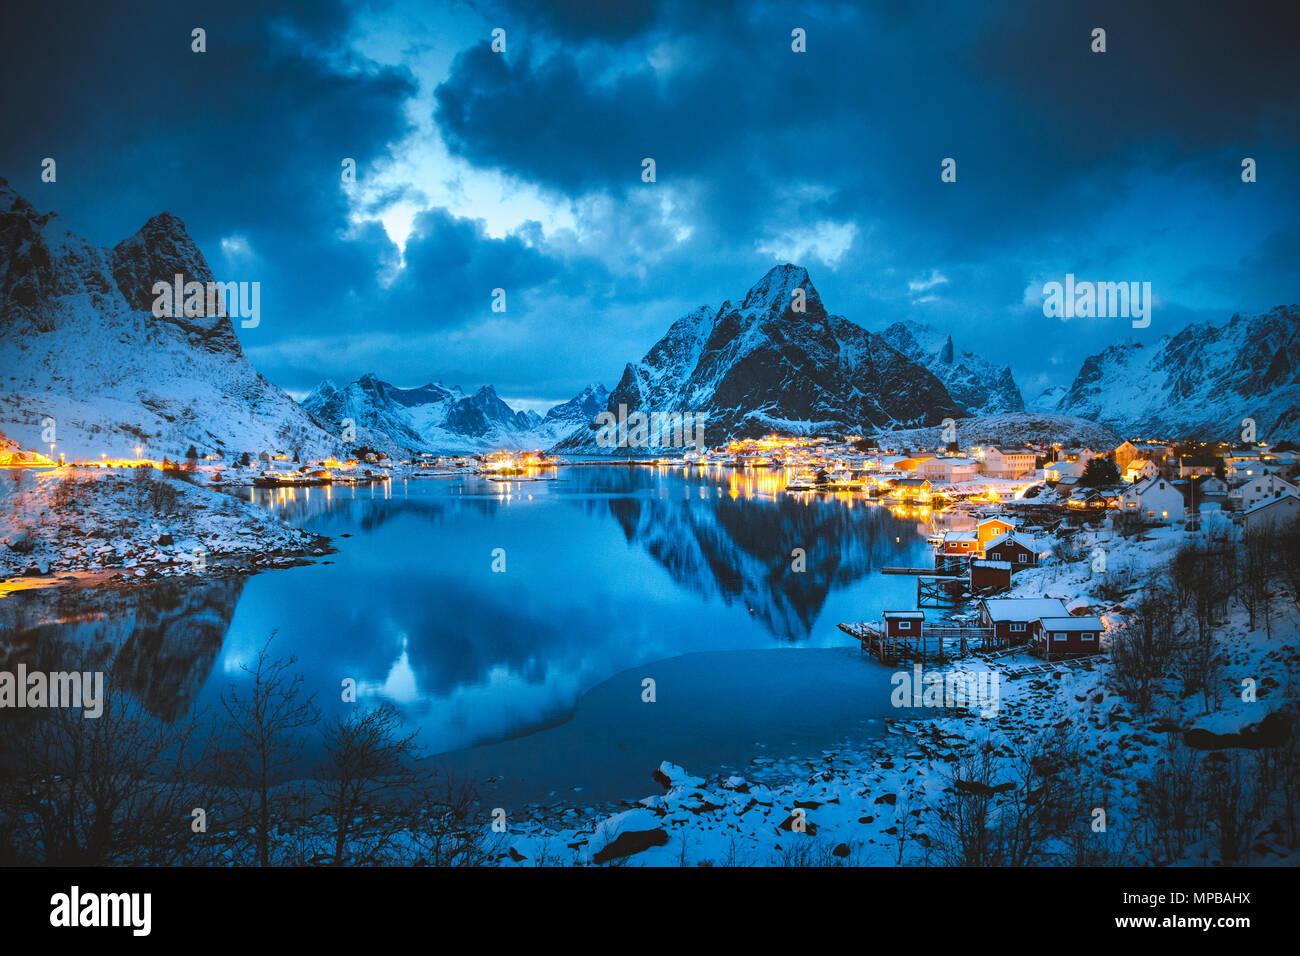 Klassische Ansicht der berühmten Fischerdorf Reine mit Olstinden Peak im Hintergrund in magischen Winter Abend dämmerung, Lofoten, Norwegen Stockbild